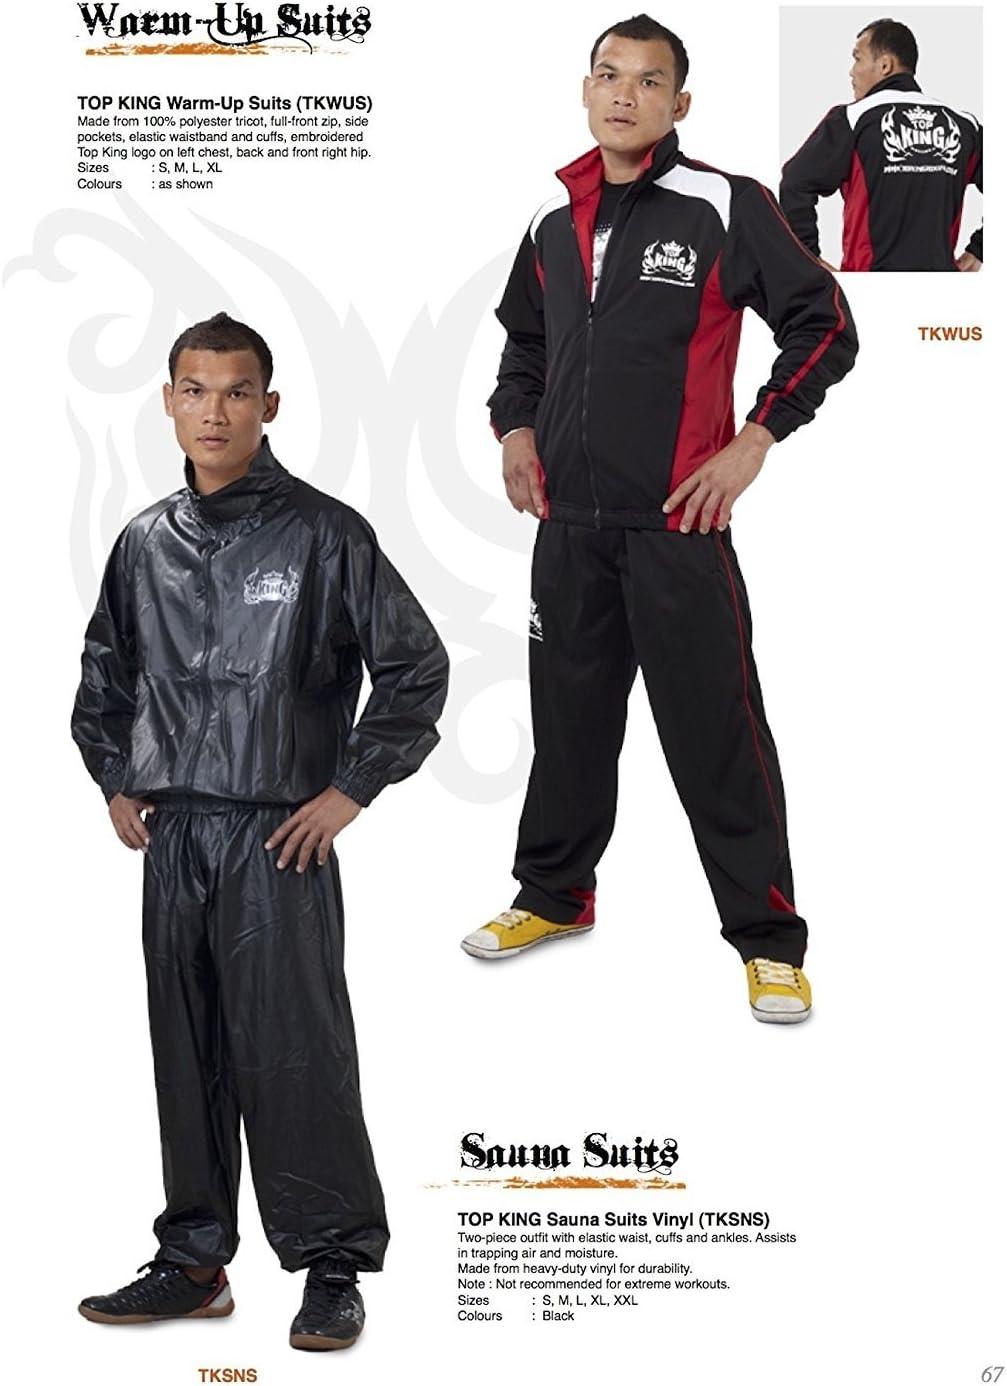 Top King Vinyl Sauna Suit